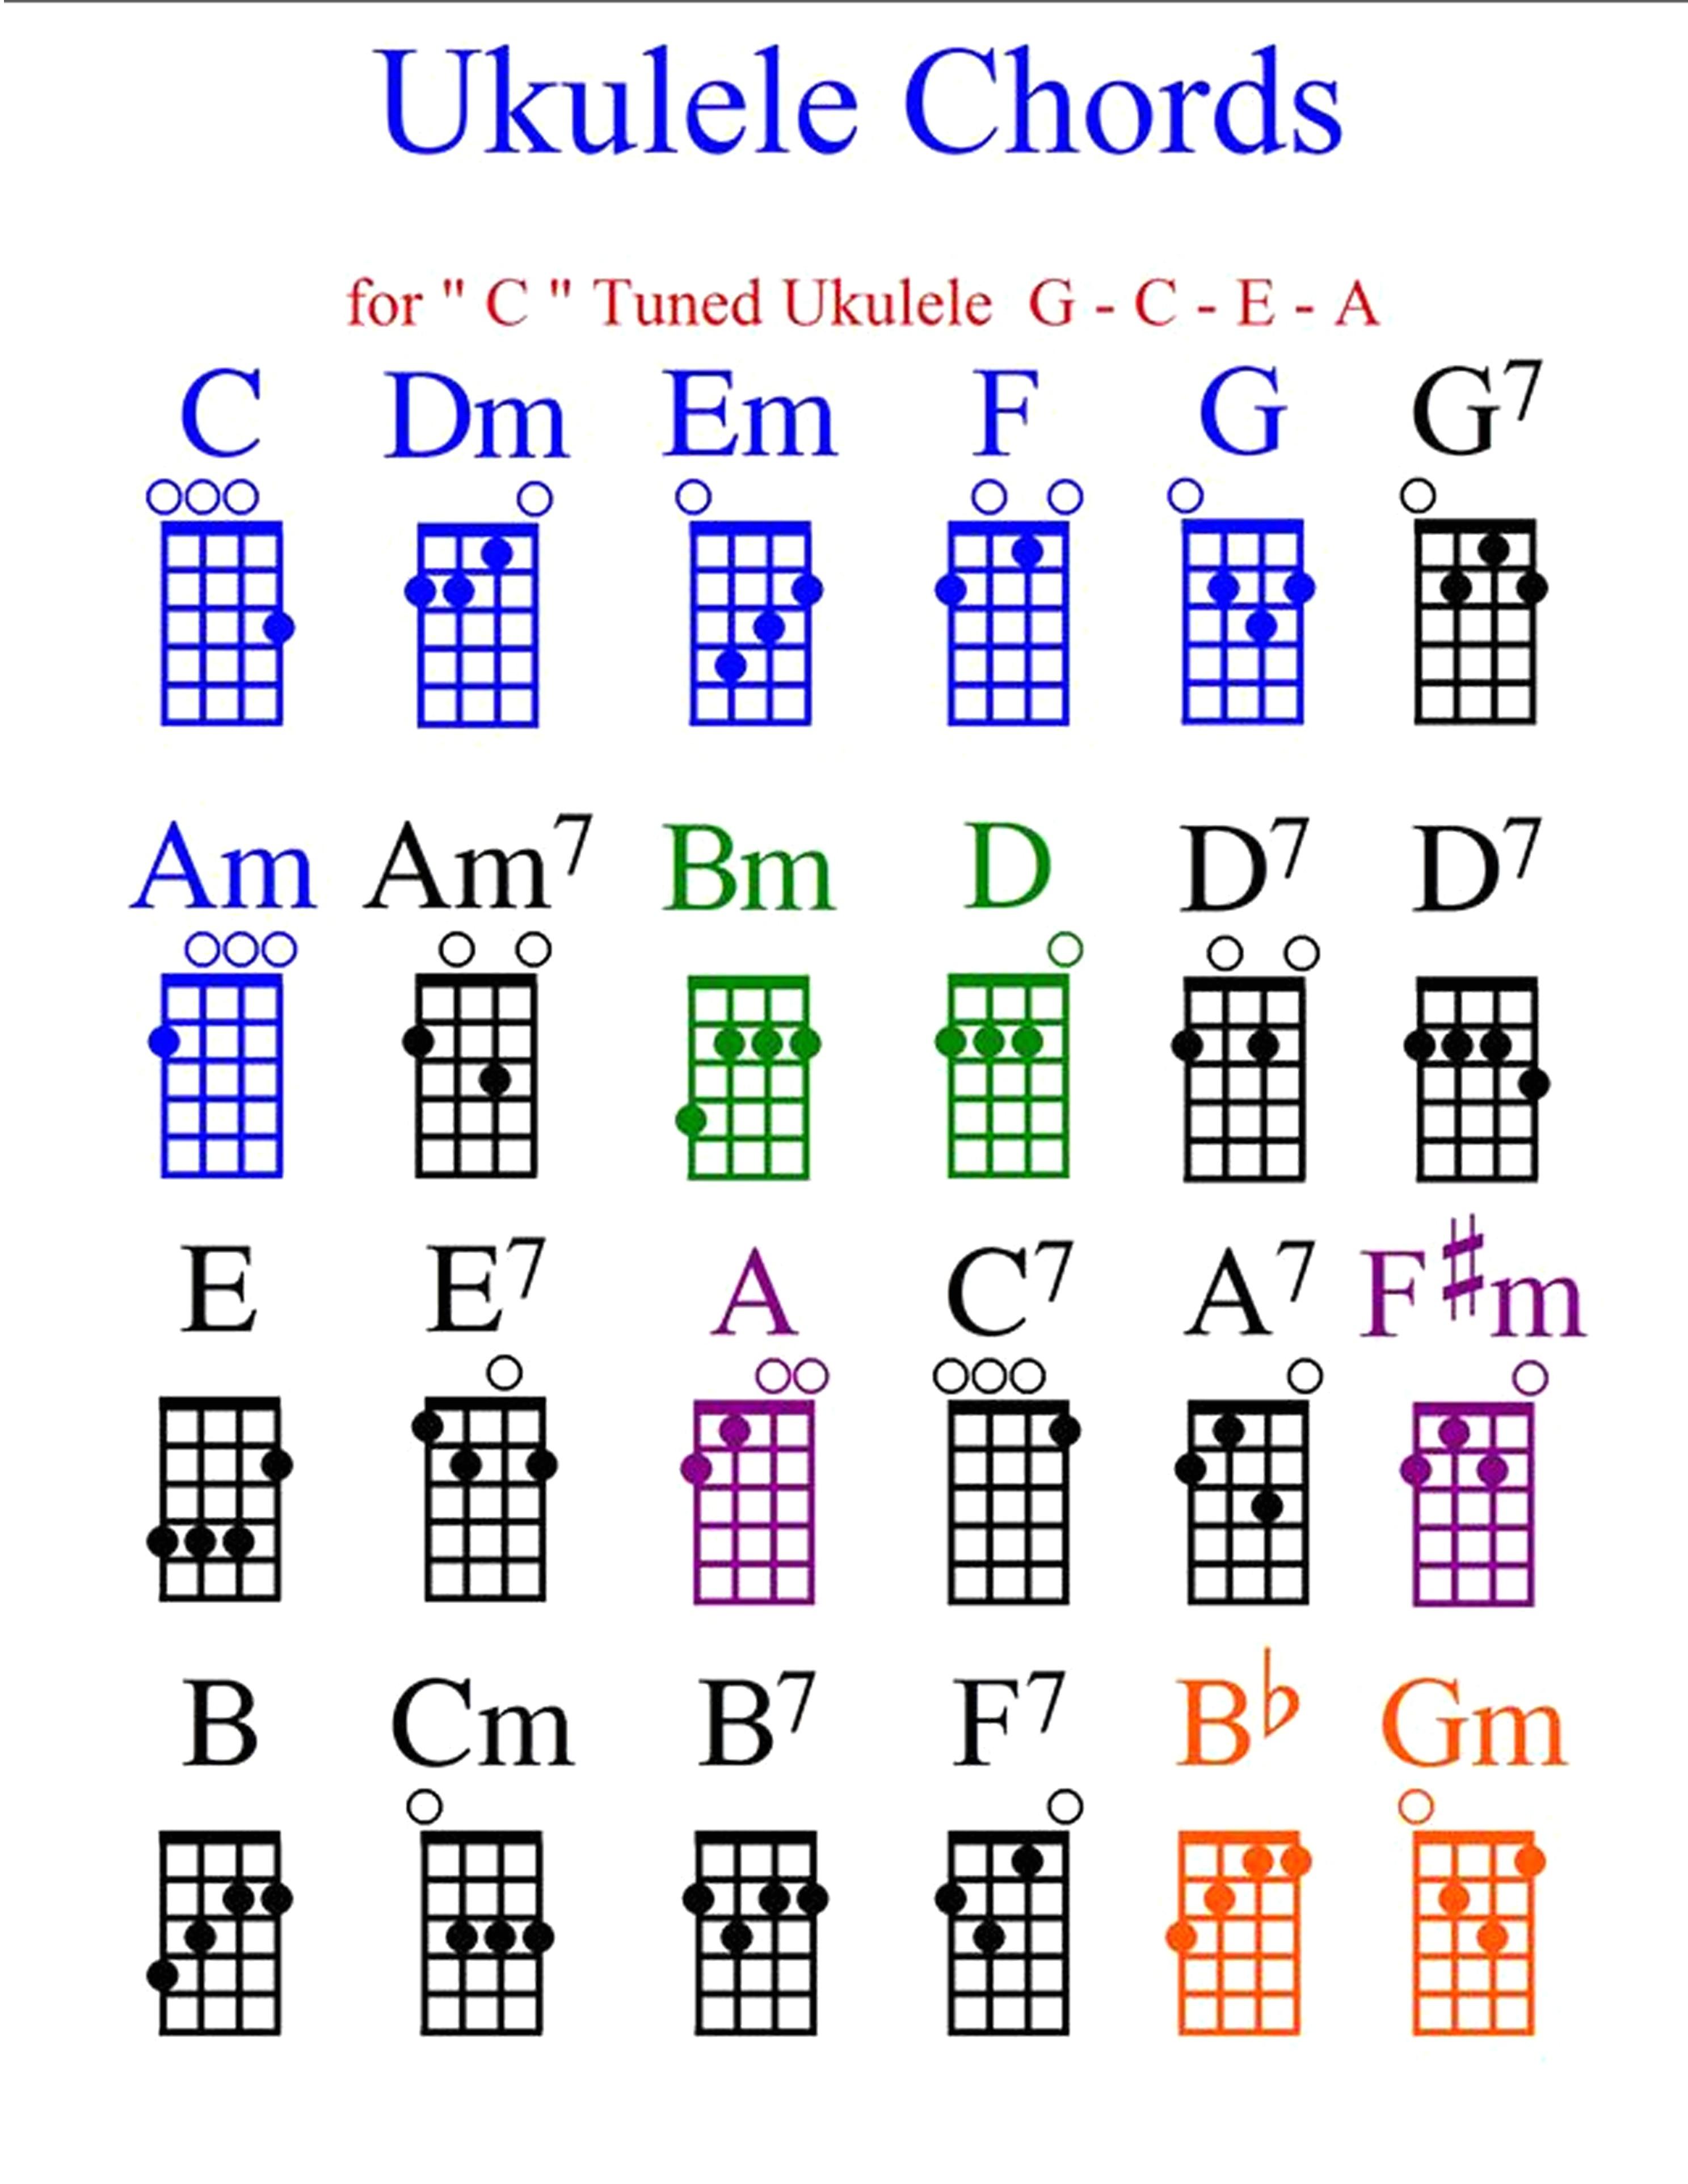 Ukulele Chords Chart Printable Ukulele Chord Chart Accomplice Music